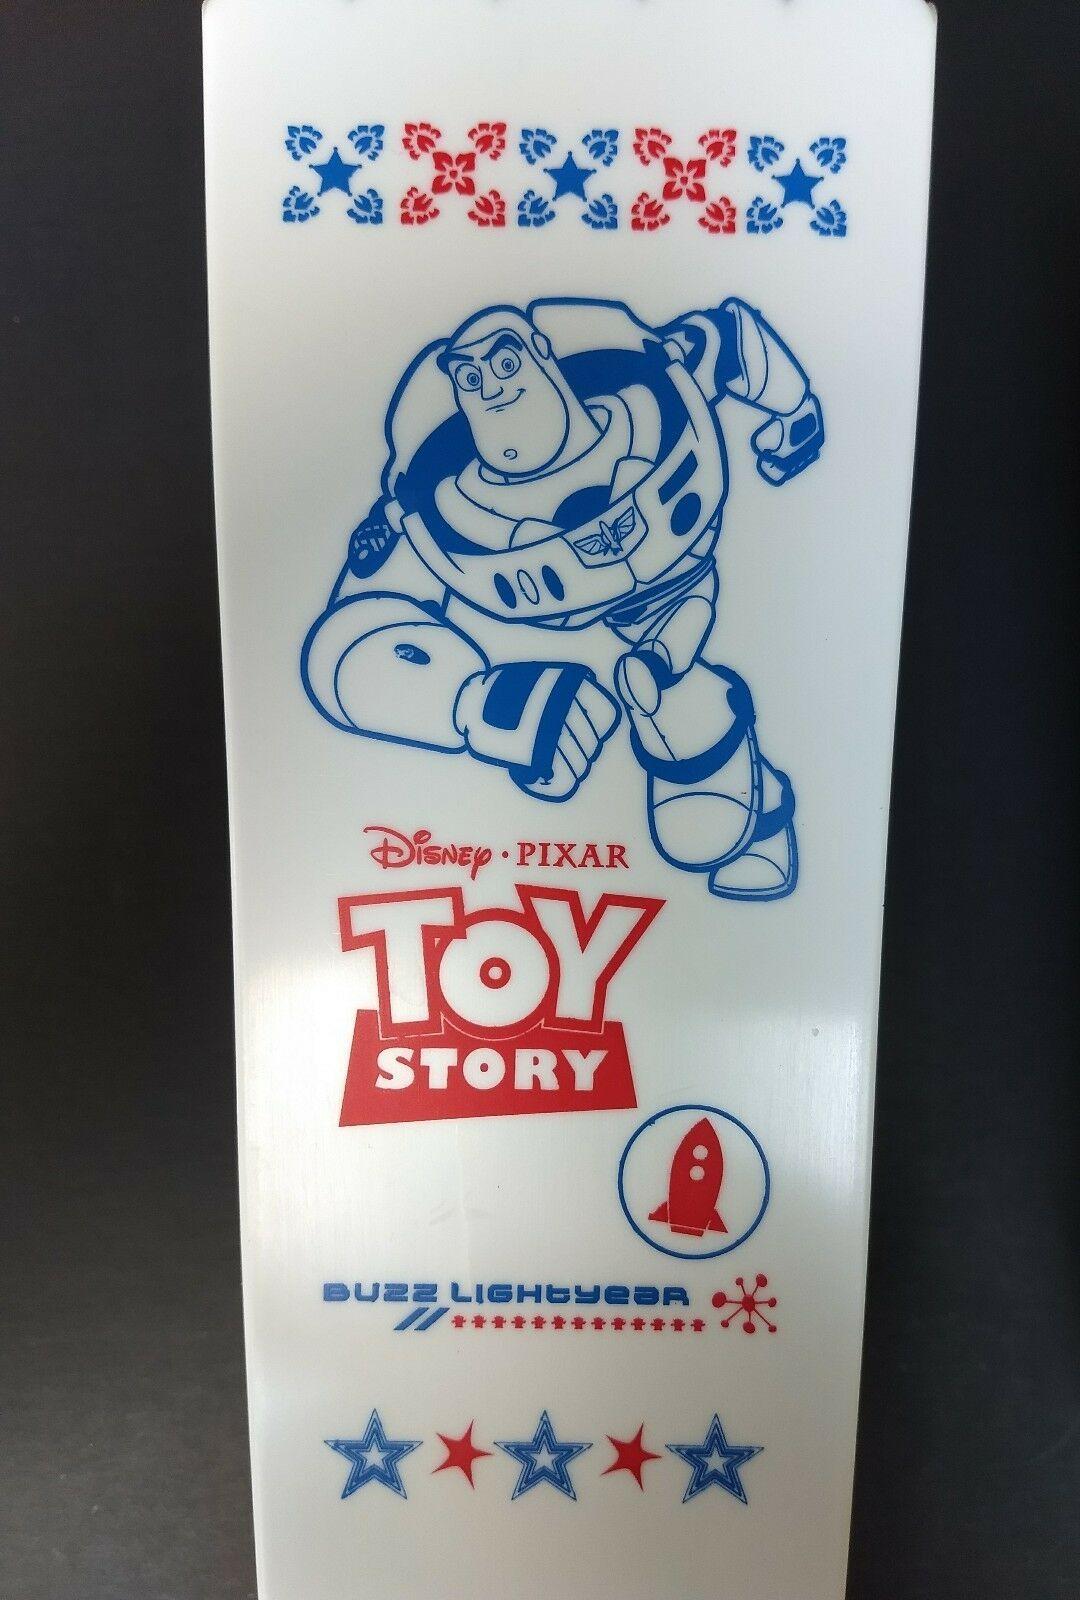 Walt Disney Pixar Toy Story movie plastic popcorn containers Woody Jessie Buzz image 7